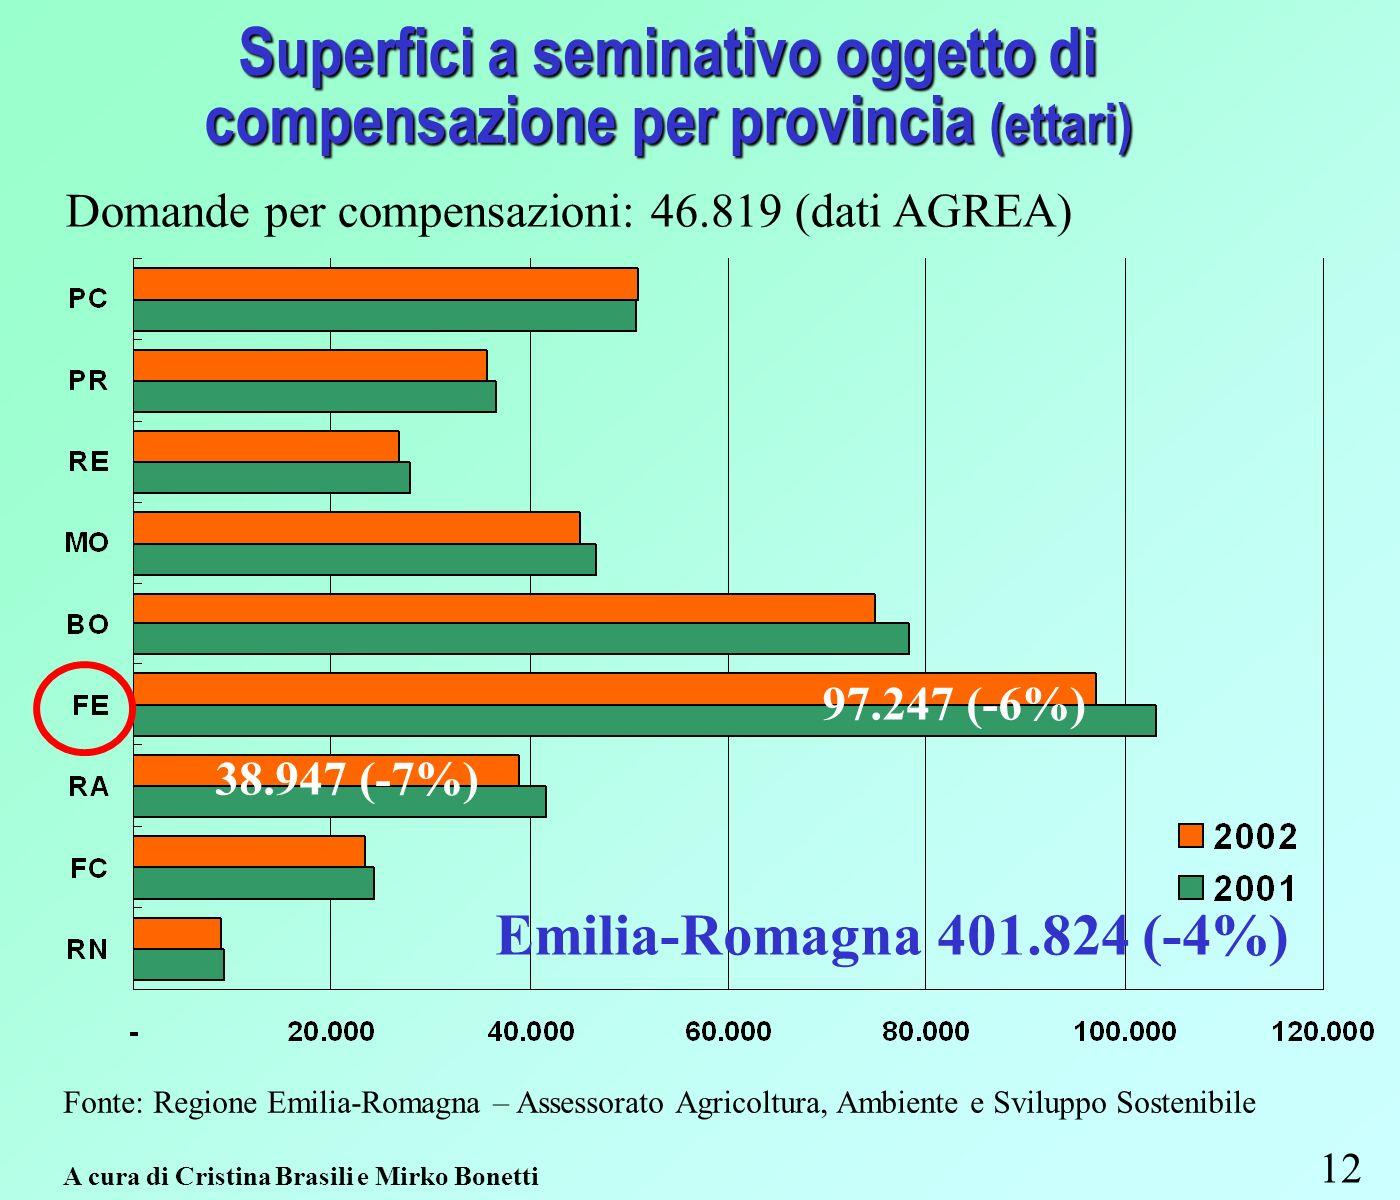 Superfici a seminativo oggetto di compensazione per provincia (ettari) 12 Fonte: Regione Emilia-Romagna – Assessorato Agricoltura, Ambiente e Sviluppo Sostenibile A cura di Cristina Brasili e Mirko Bonetti Domande per compensazioni: 46.819 (dati AGREA) 97.247 (-6%) 38.947 (-7%) Emilia-Romagna 401.824 (-4%)